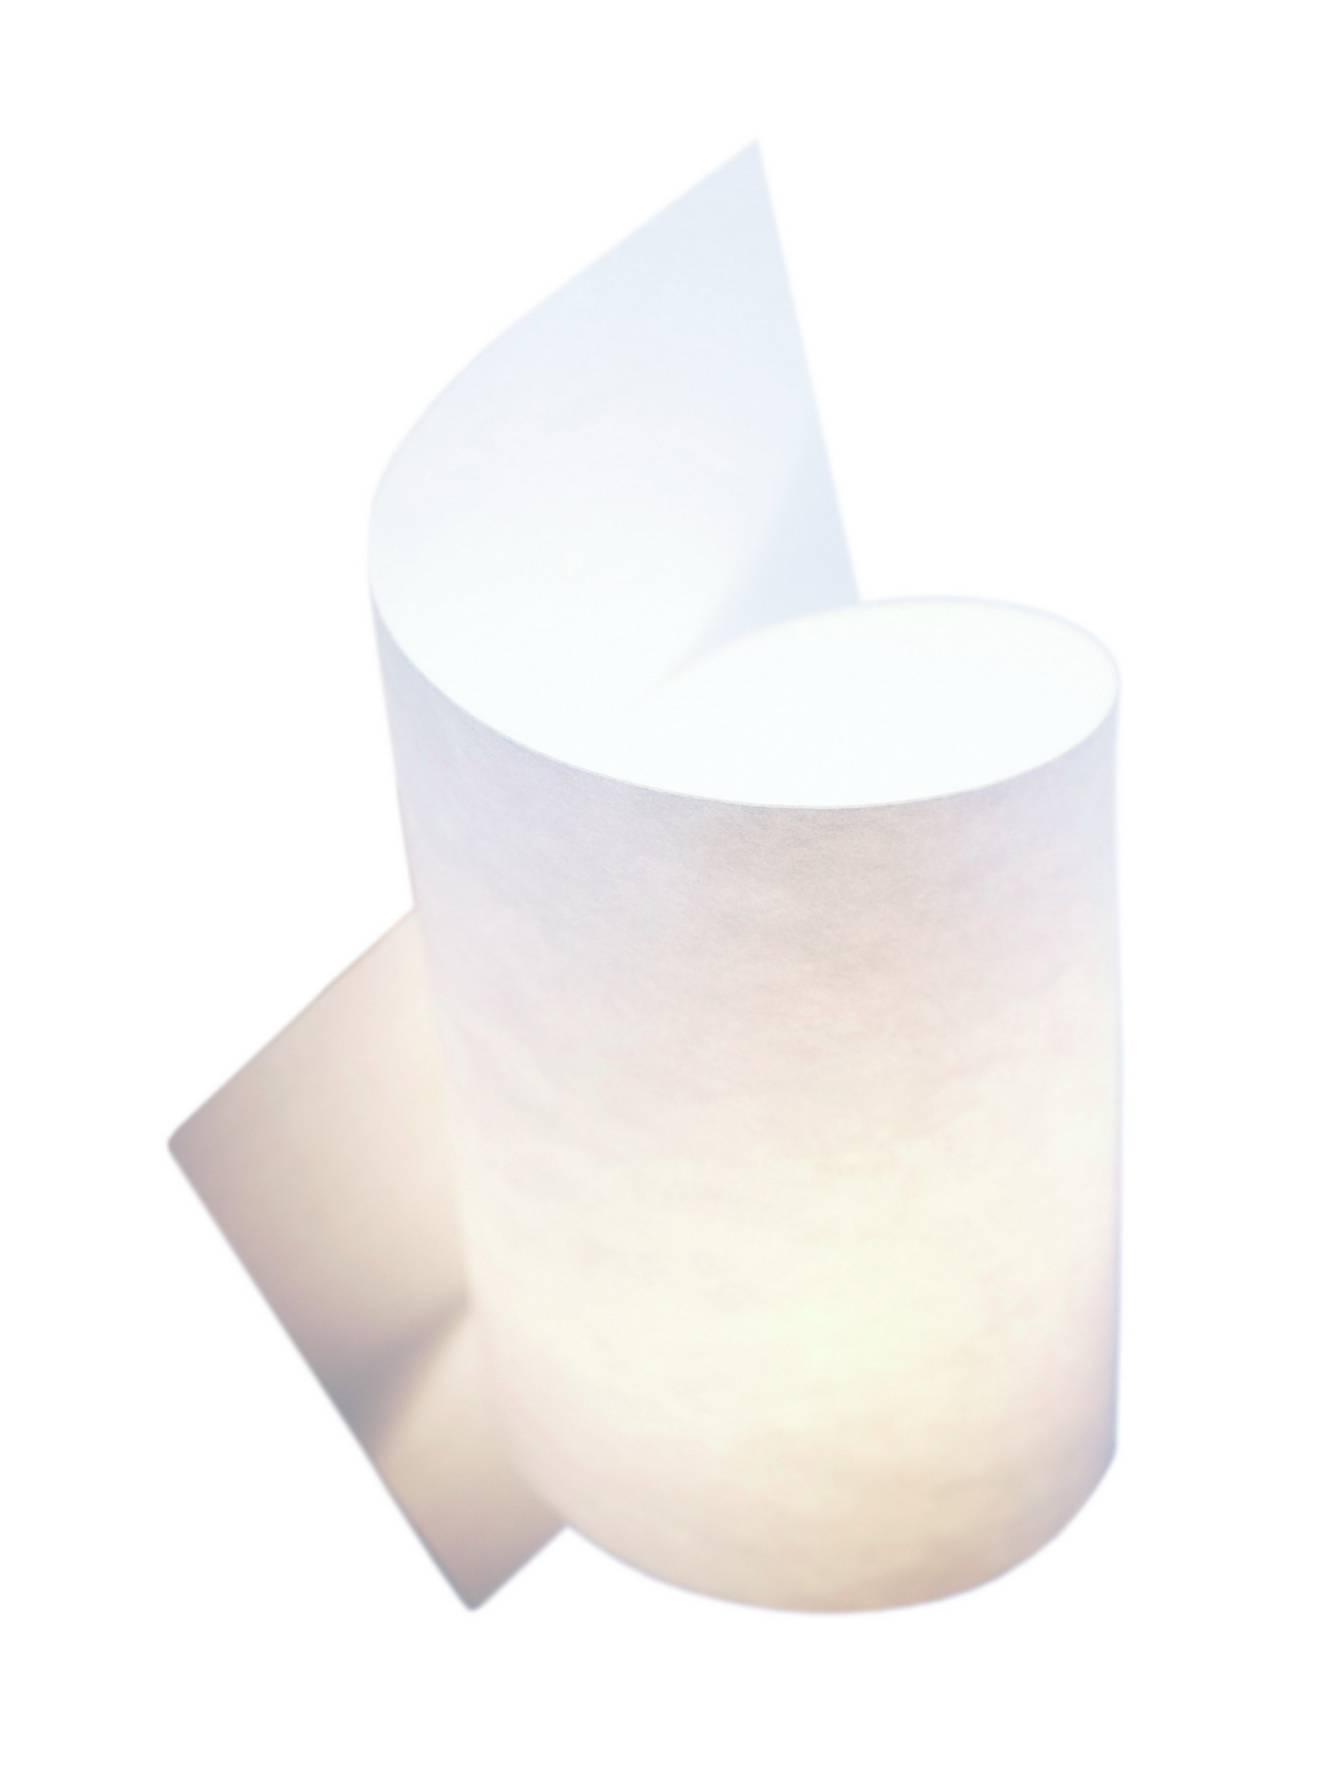 Domus Loop Wandleuchte Design Leuchte